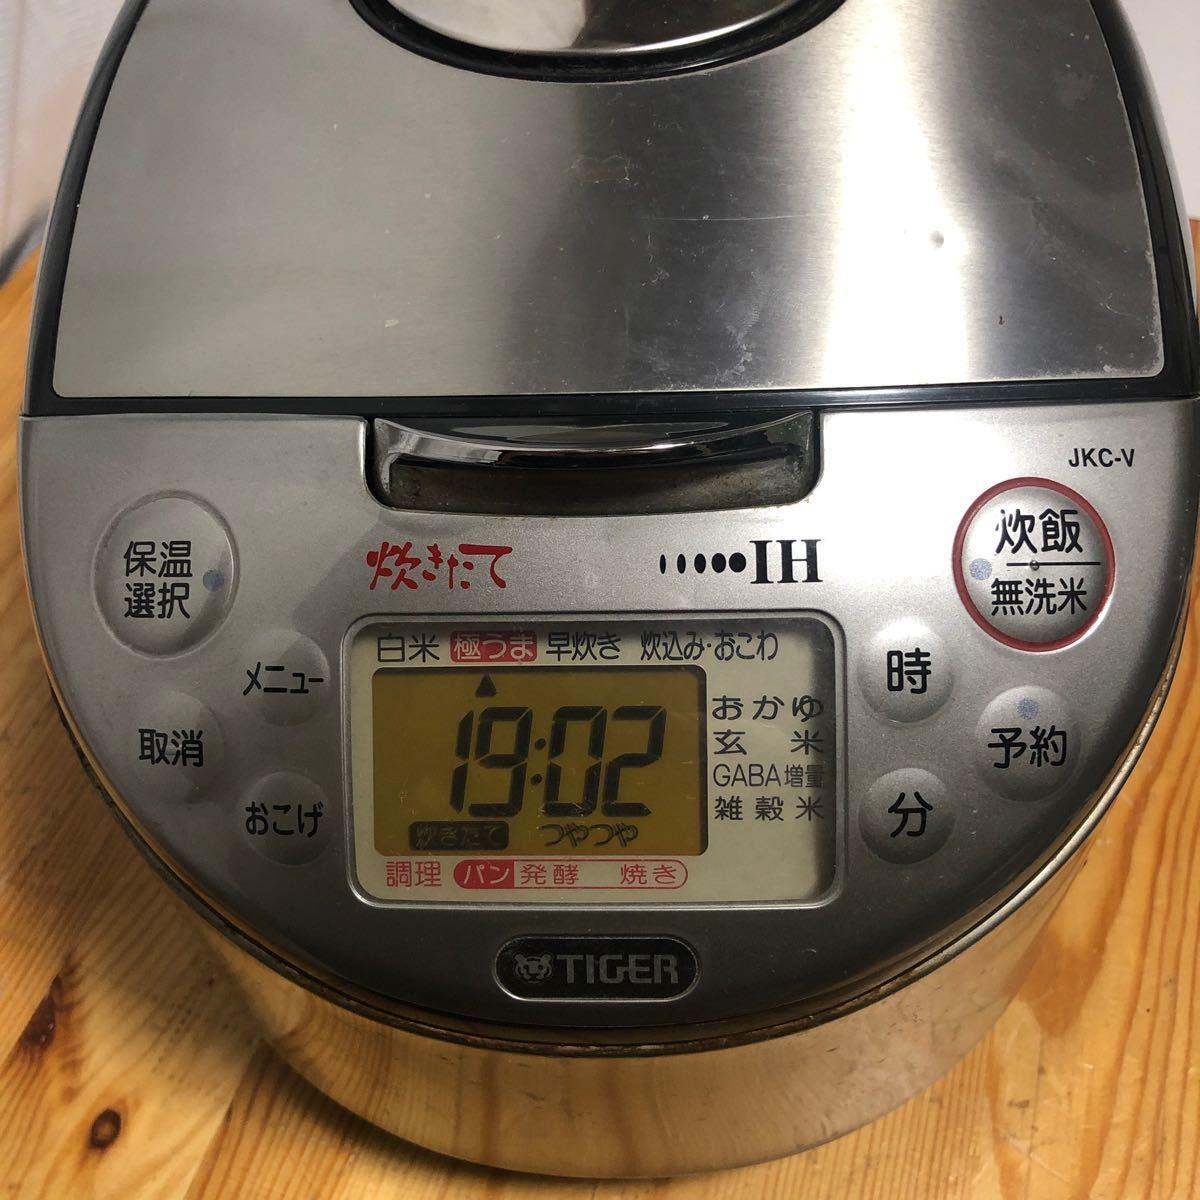 タイガーIH炊飯ジャー JKC-V100(KS) 2008年製 炊飯器 IH炊飯ジャー